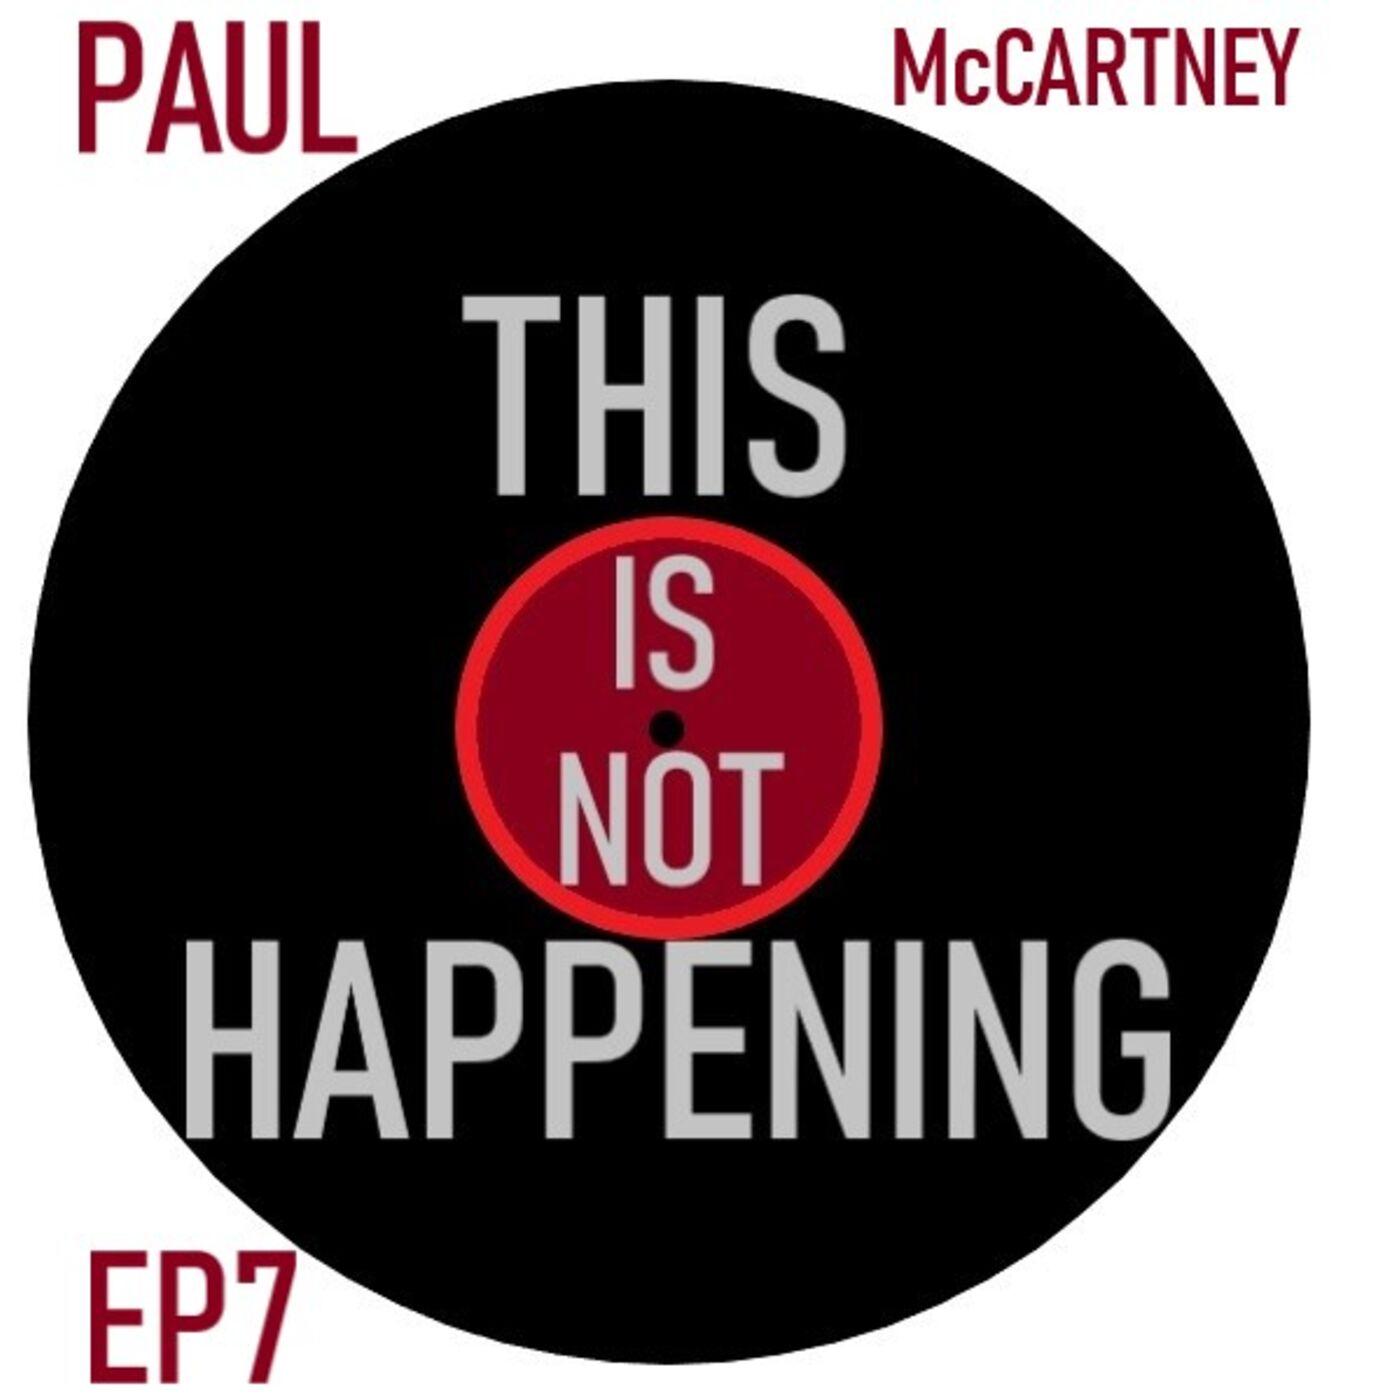 Ep 7 - Paul McCartney III